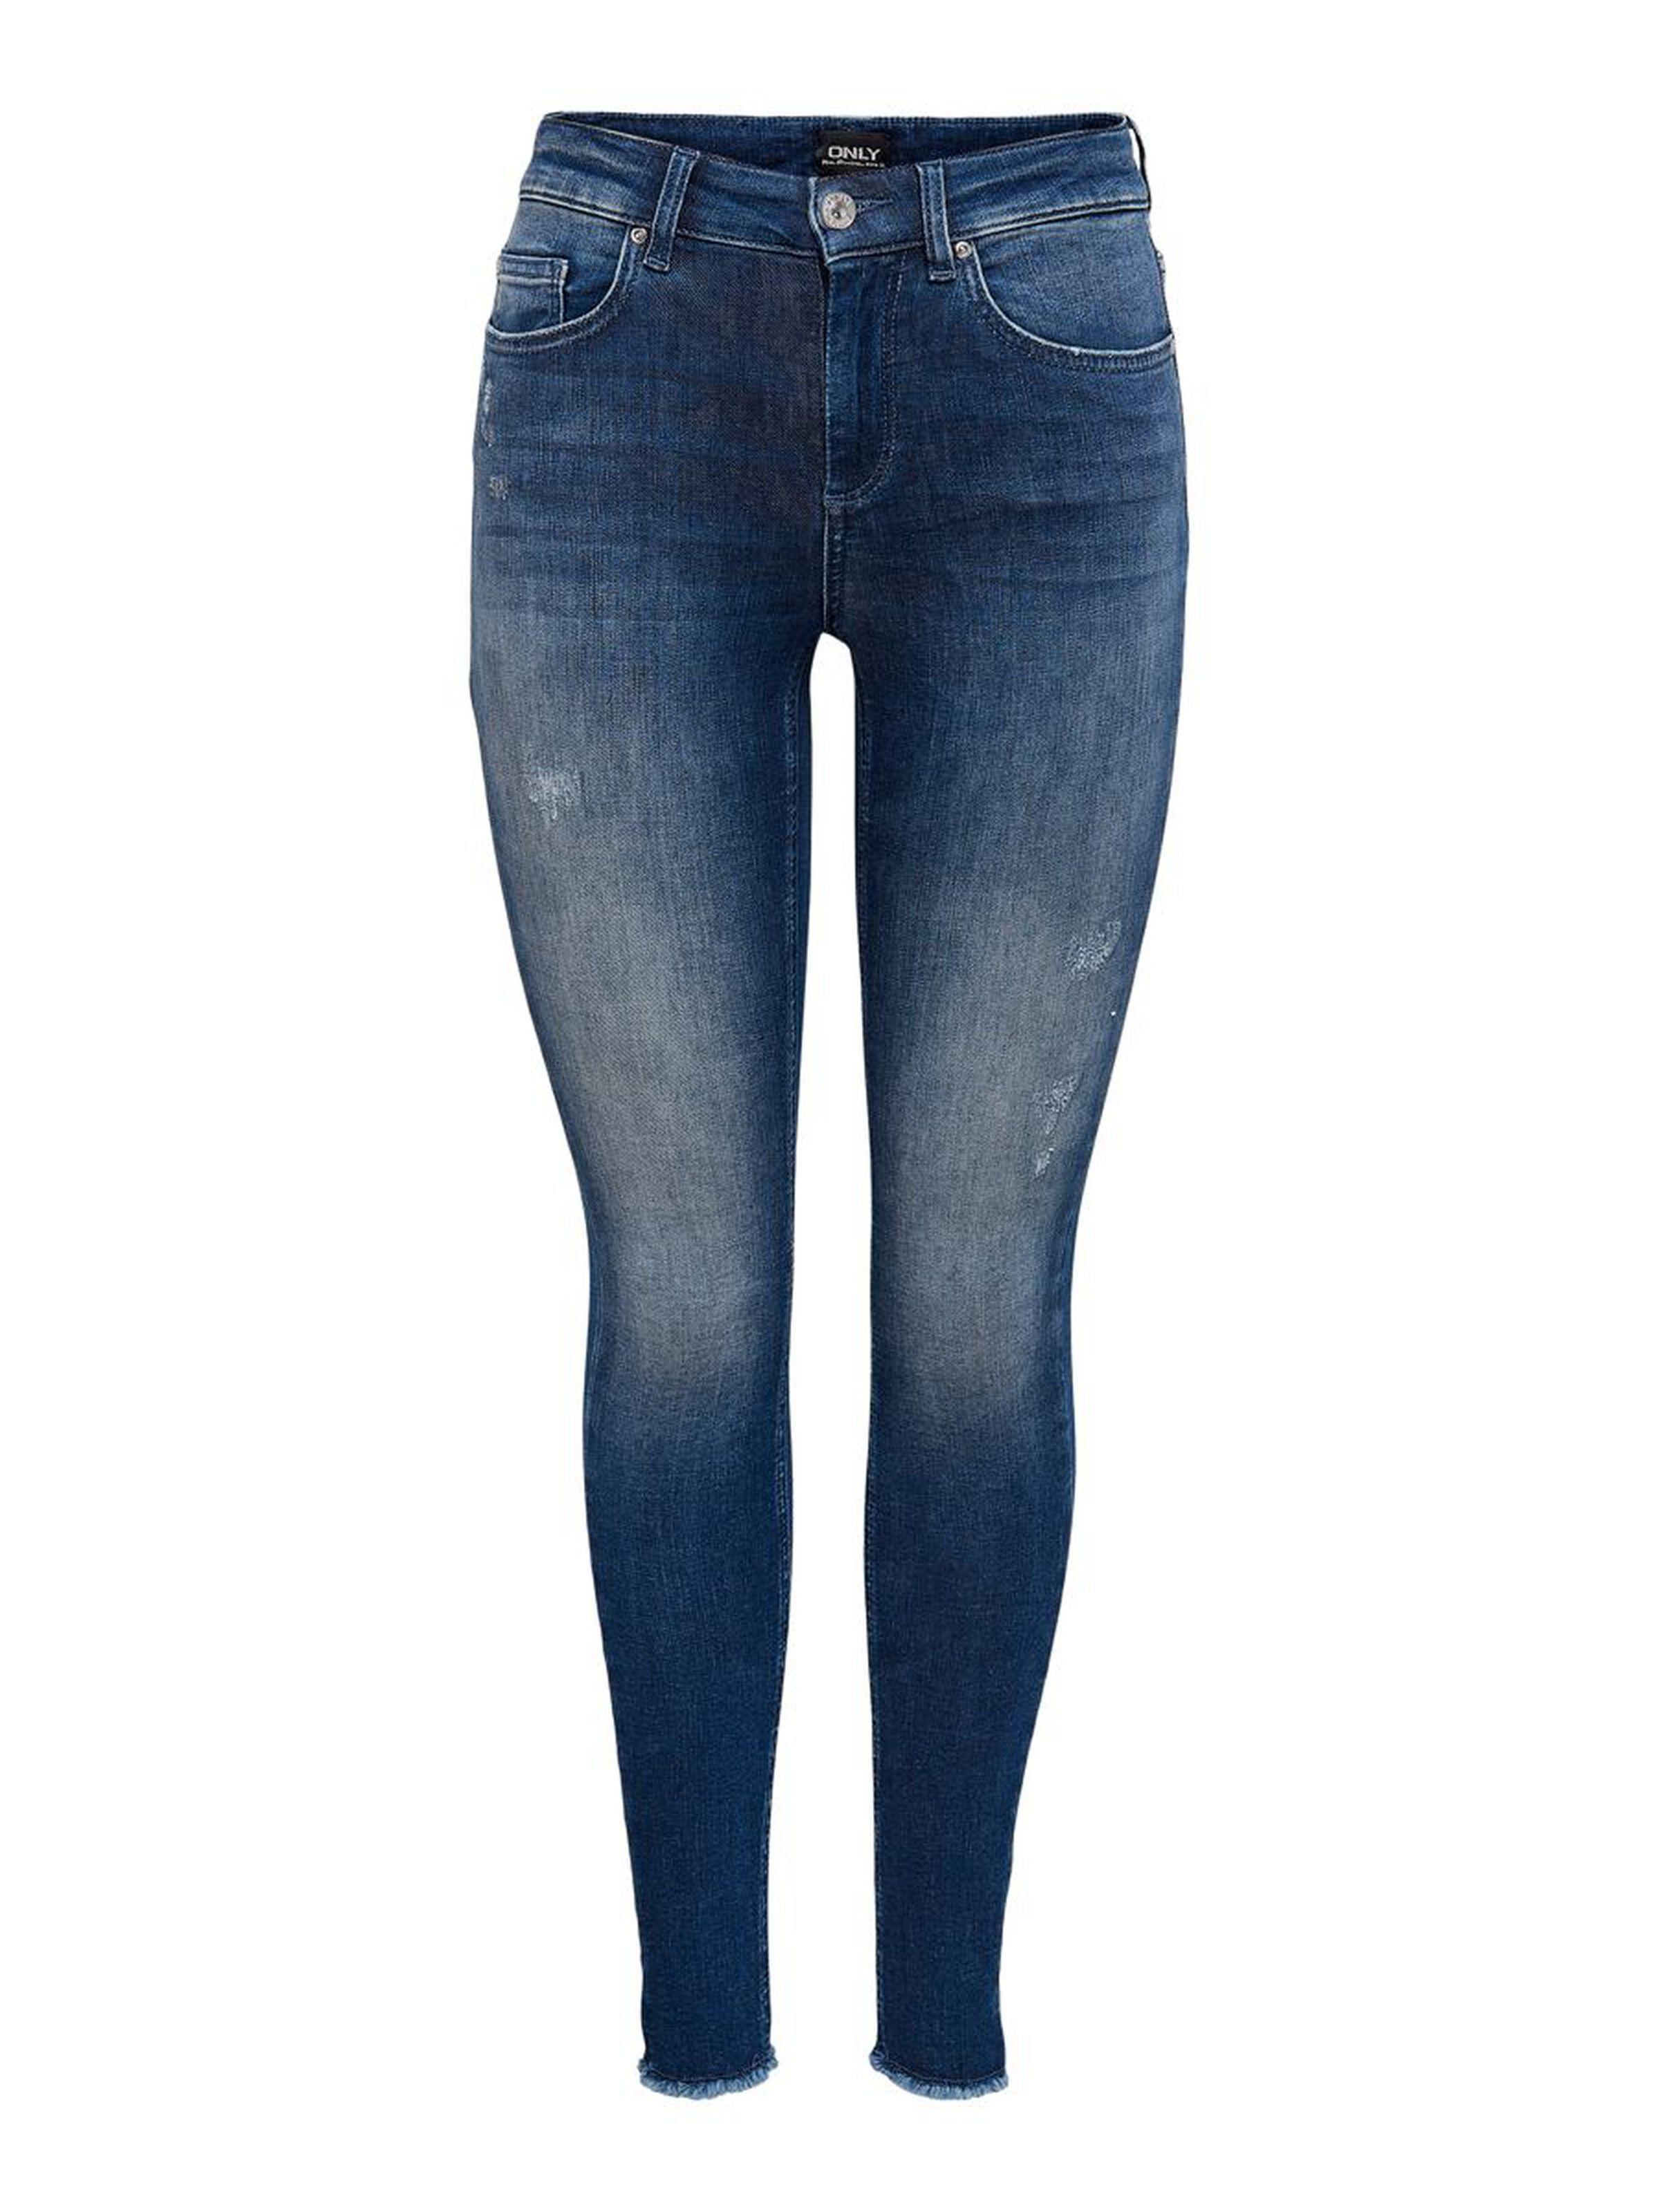 ONLY | Jeans | 15234798DARKBLUEDENIM